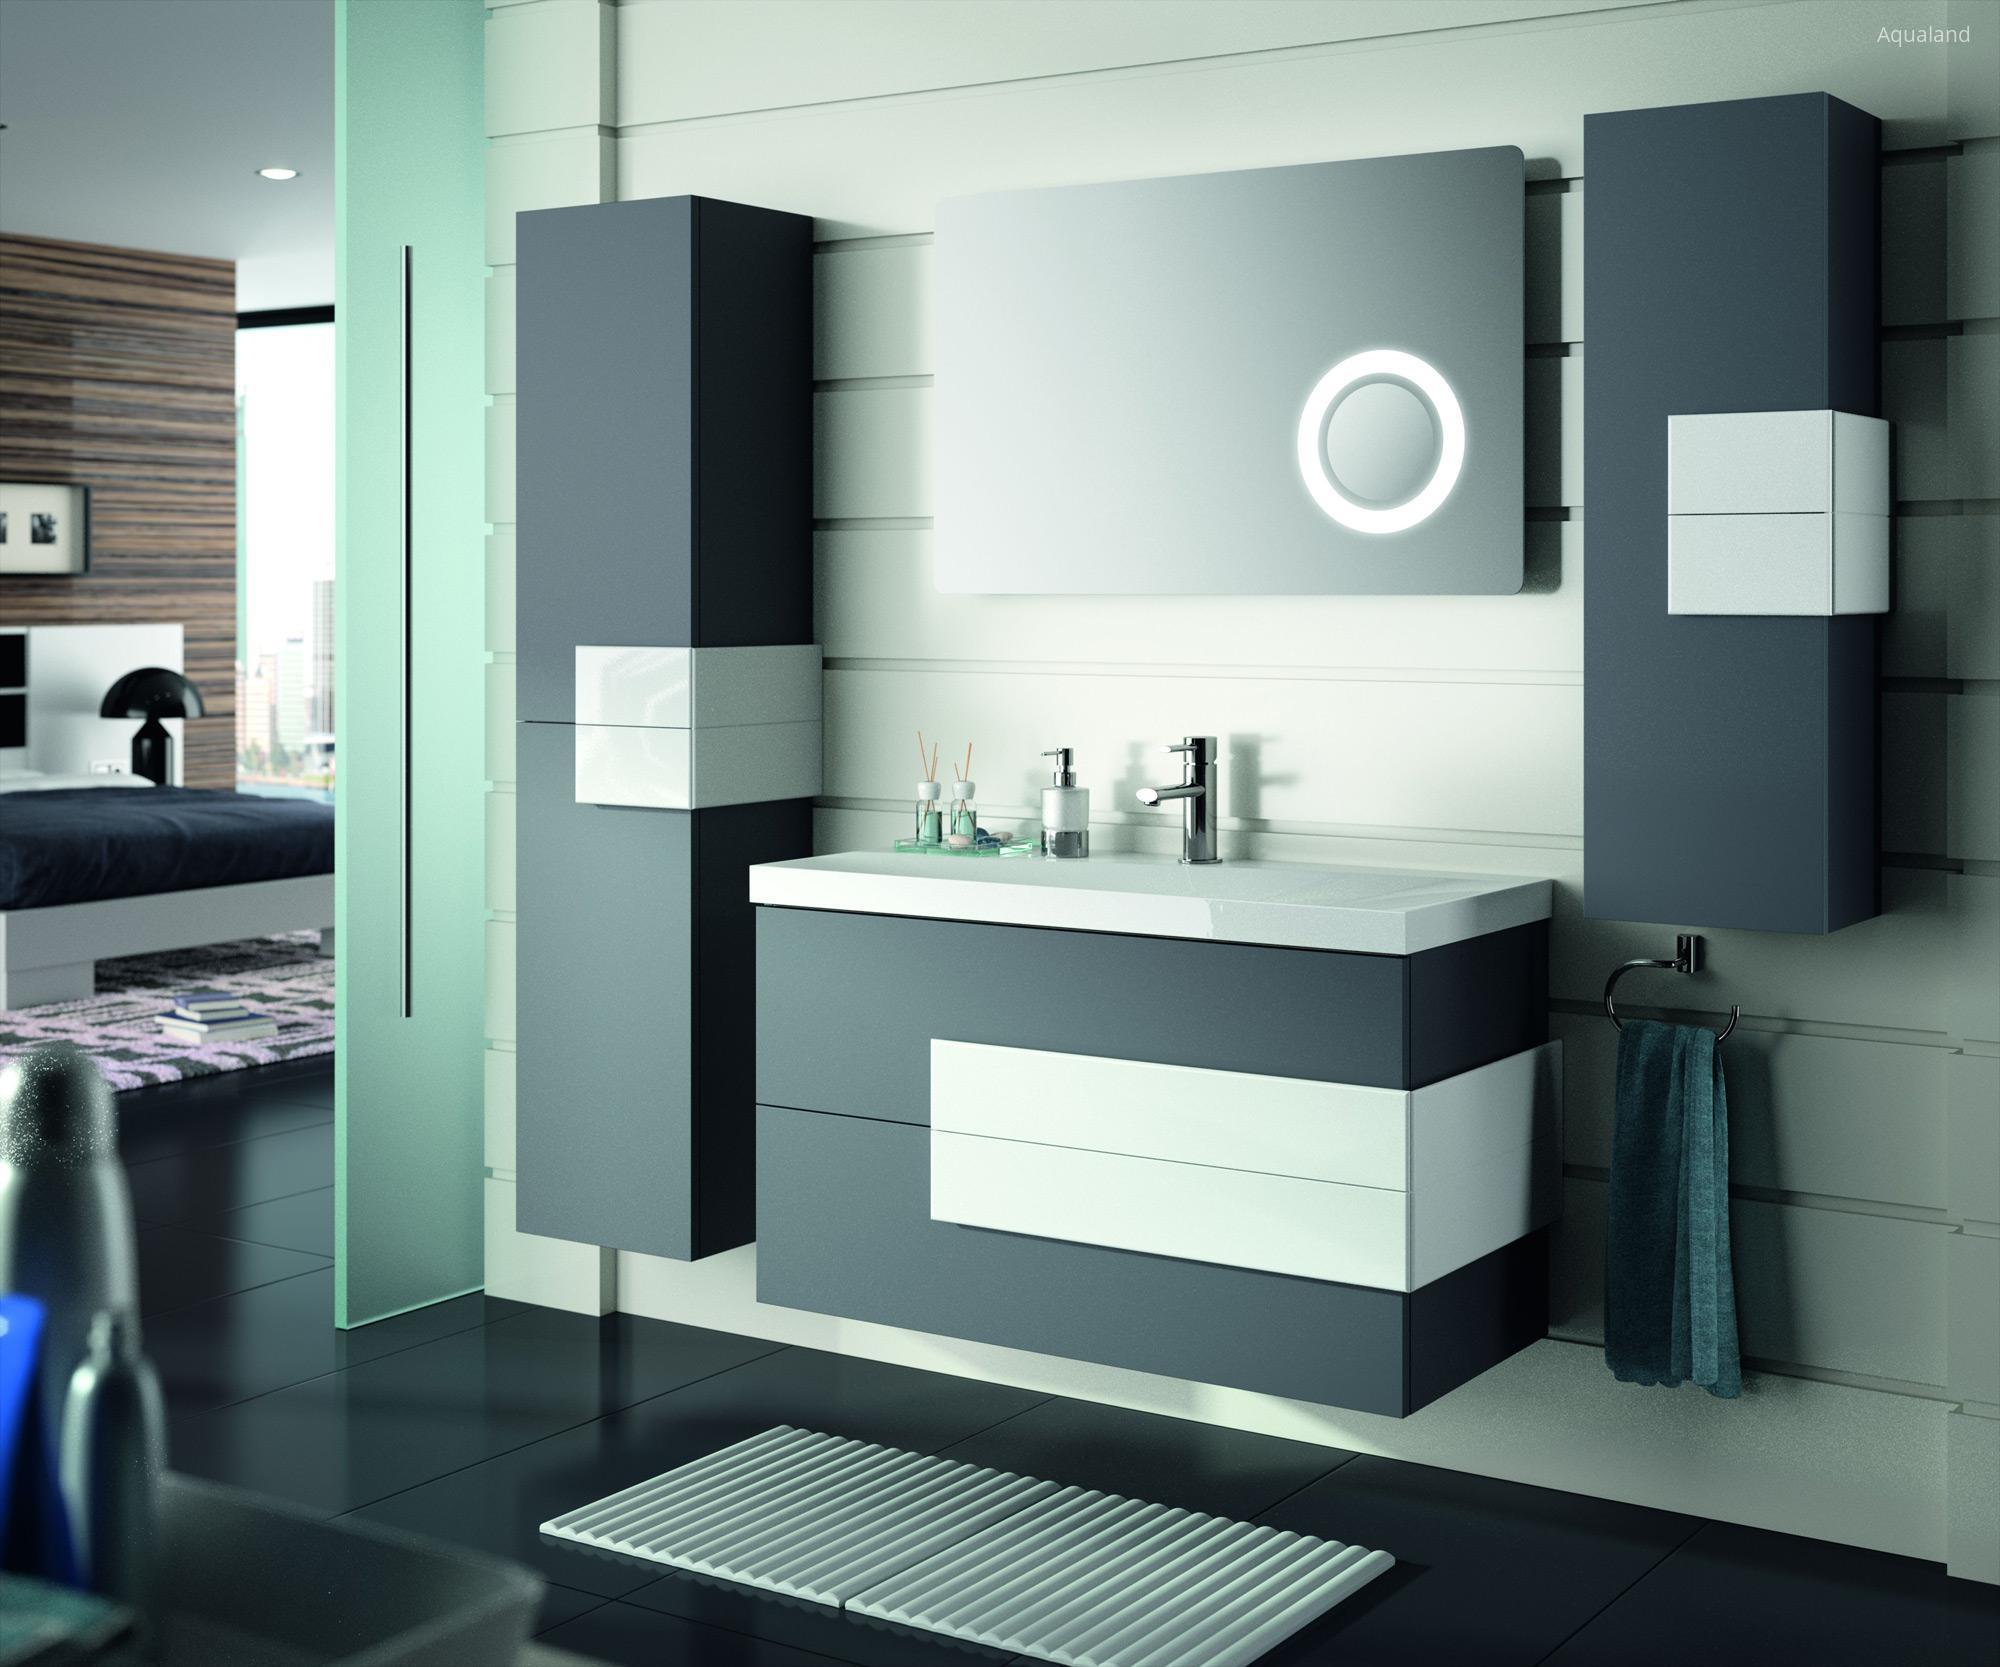 Salgar Cronos fürdőszoba bútor fekete-fehér színben // HOMEINFO.hu ...